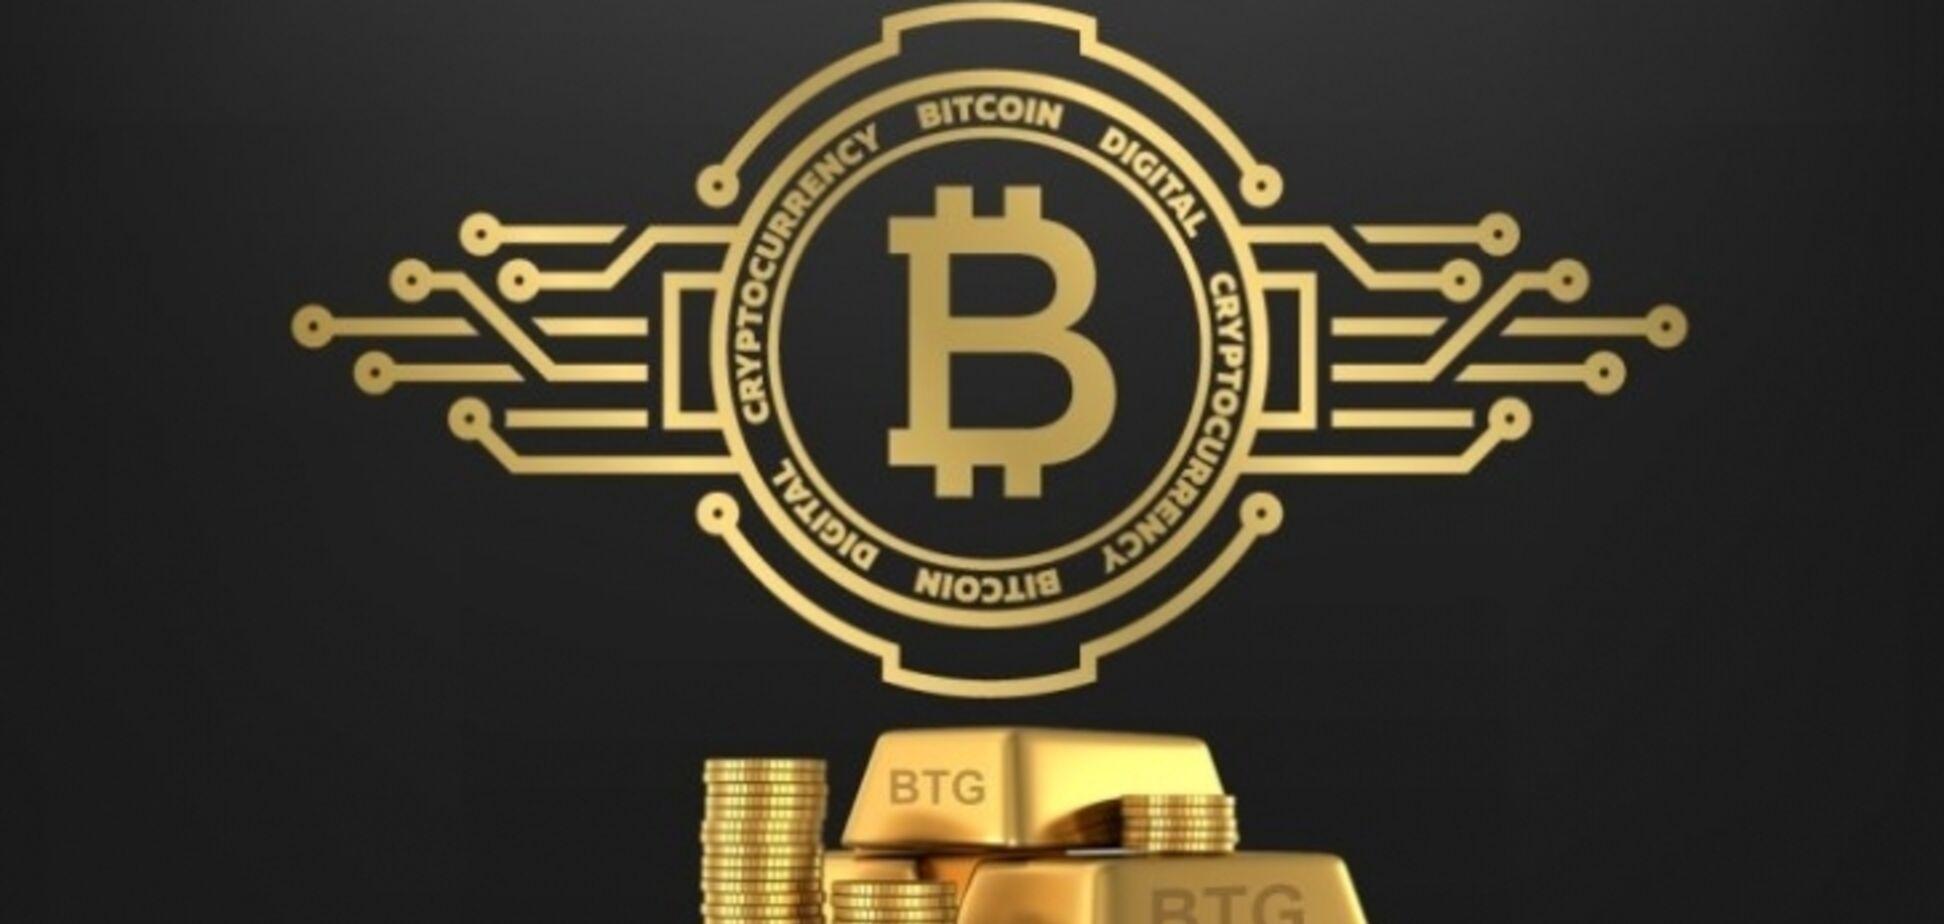 Биткоин побьет доллар? В США спрогнозировали будущее для криптовалют